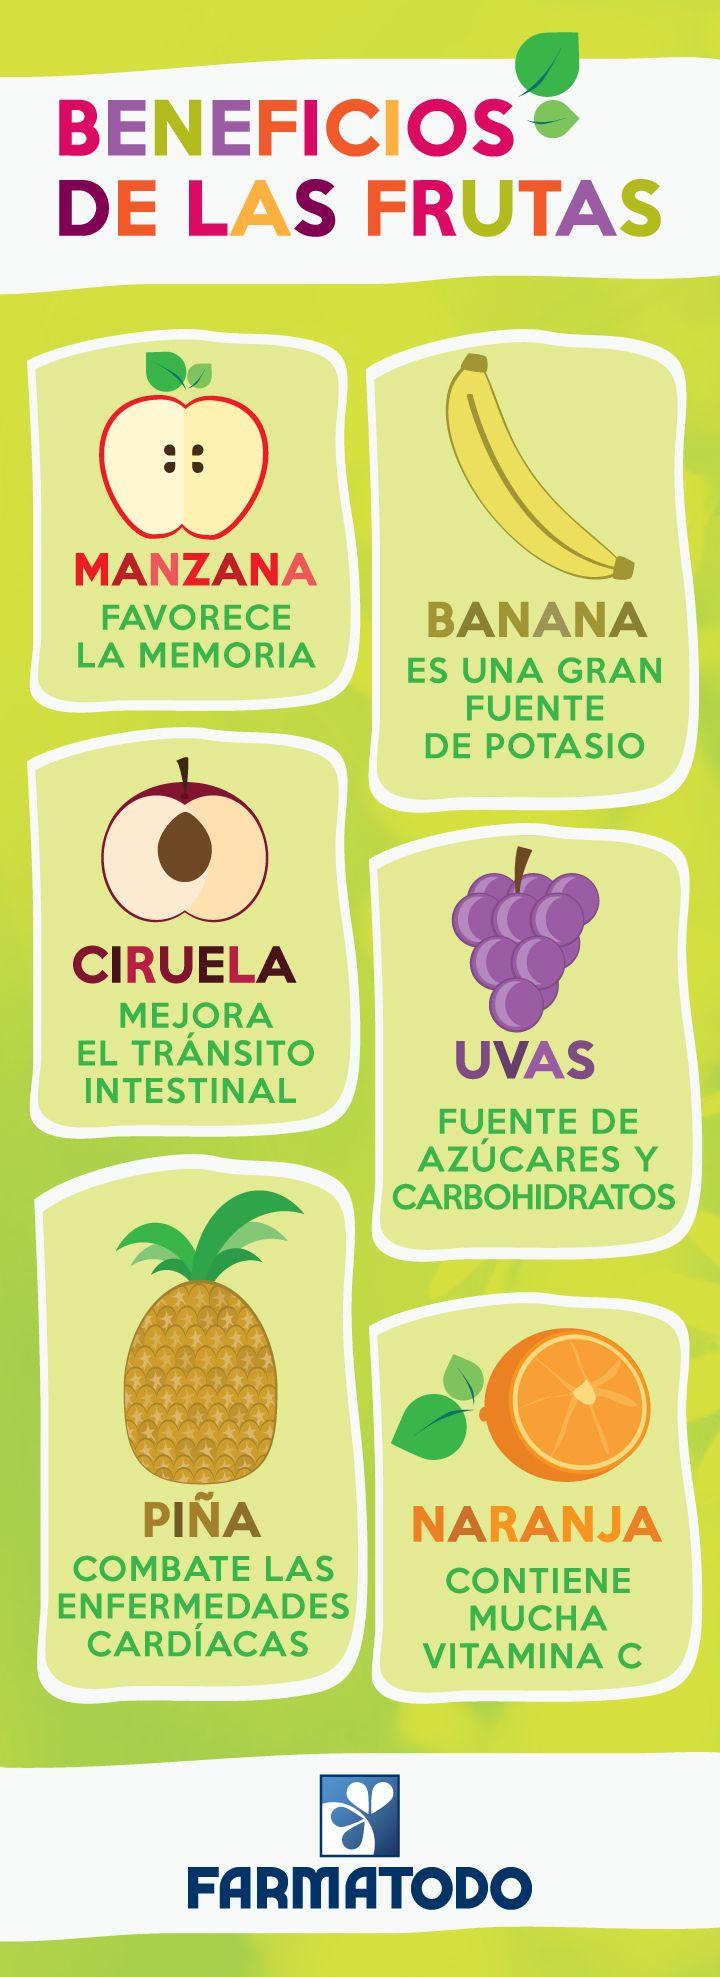 ¡Más razones para agregar frutas a tu dieta! #infografia #salud